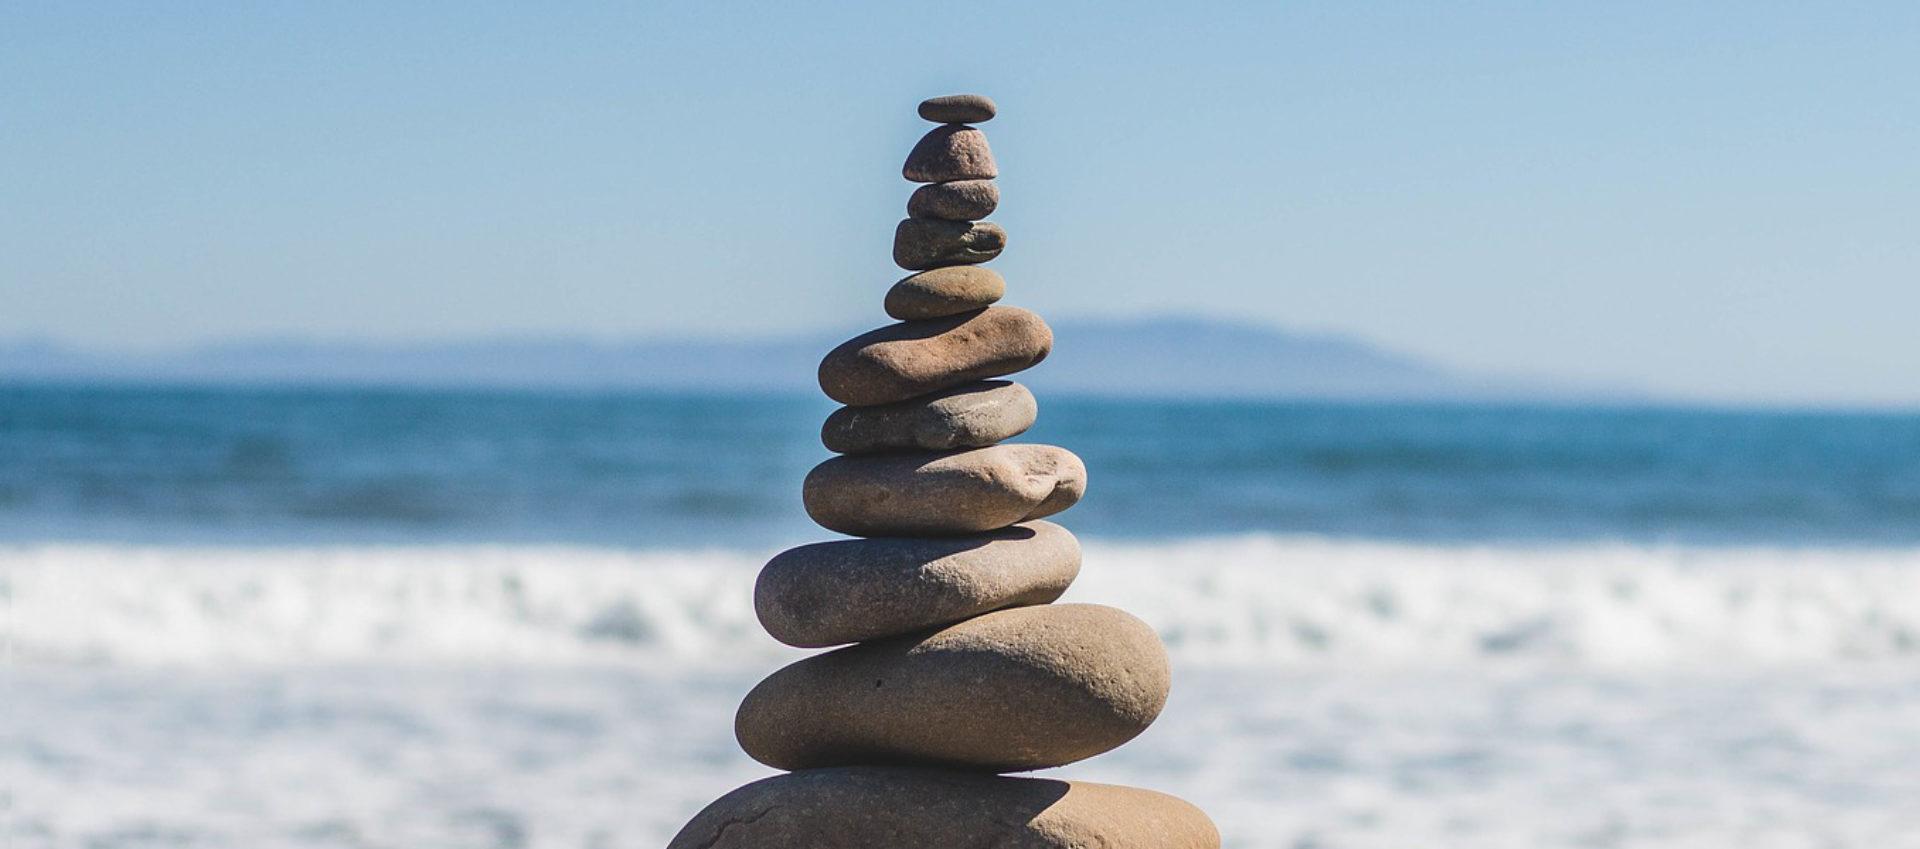 Rest. Rebalance. Repair.